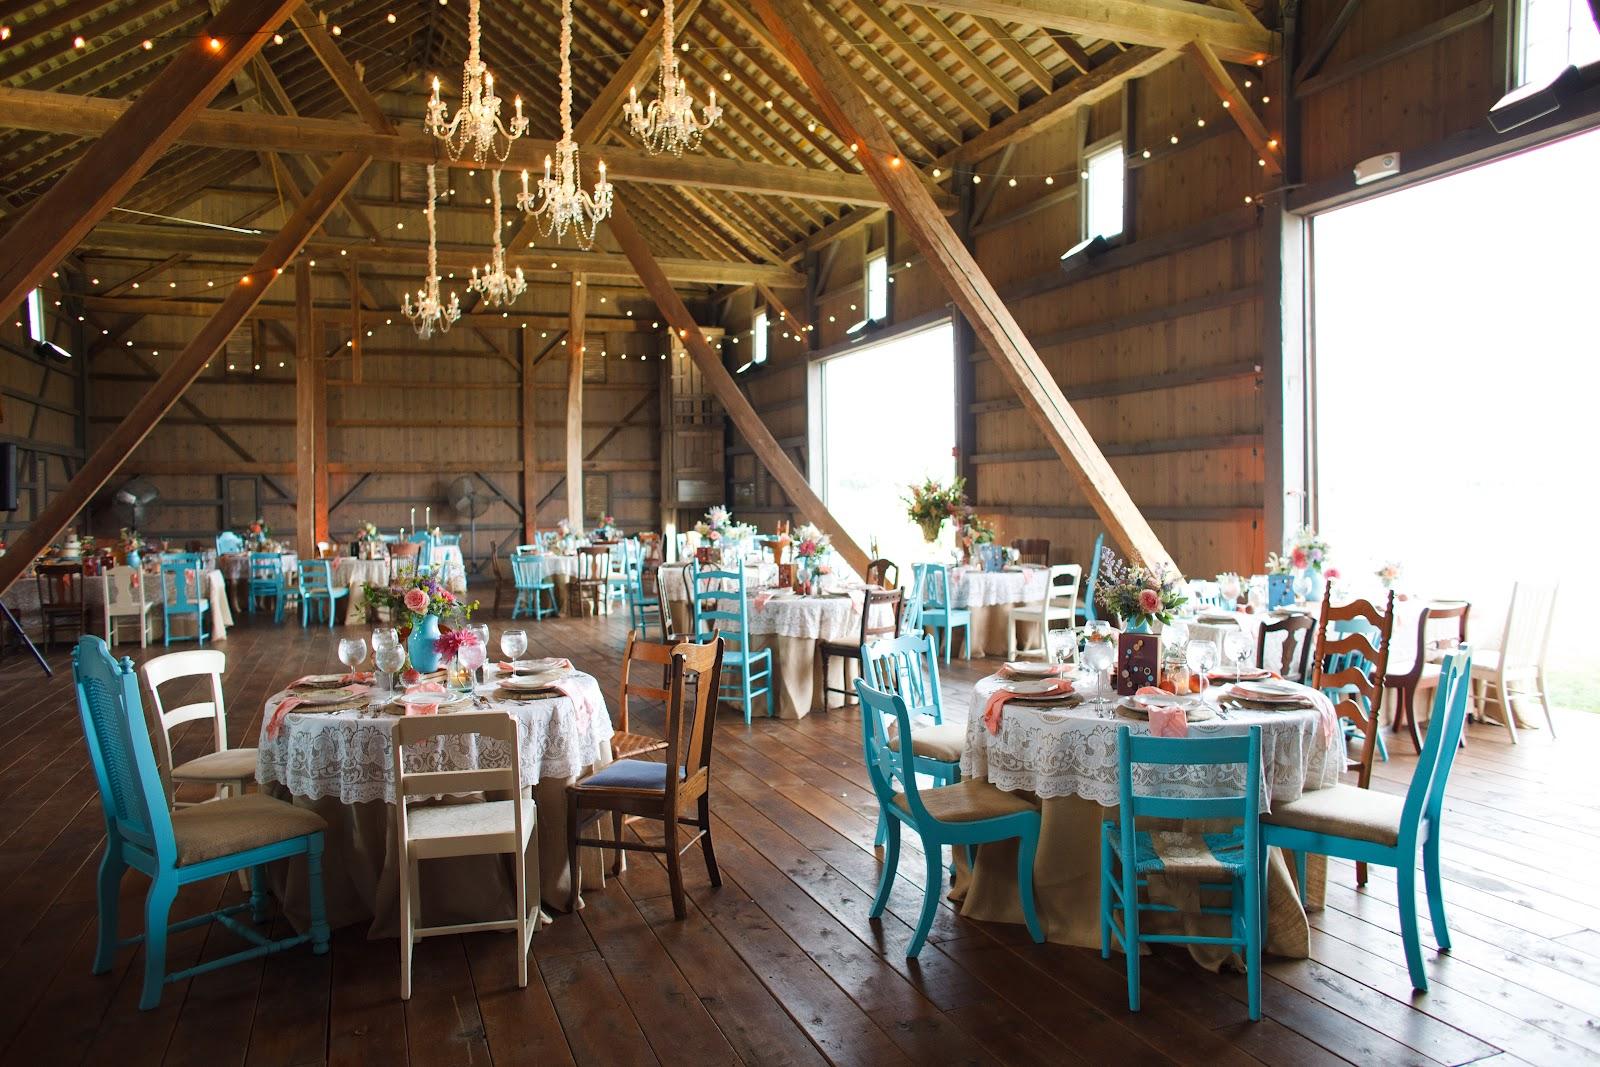 Salomon Farm barn wedding